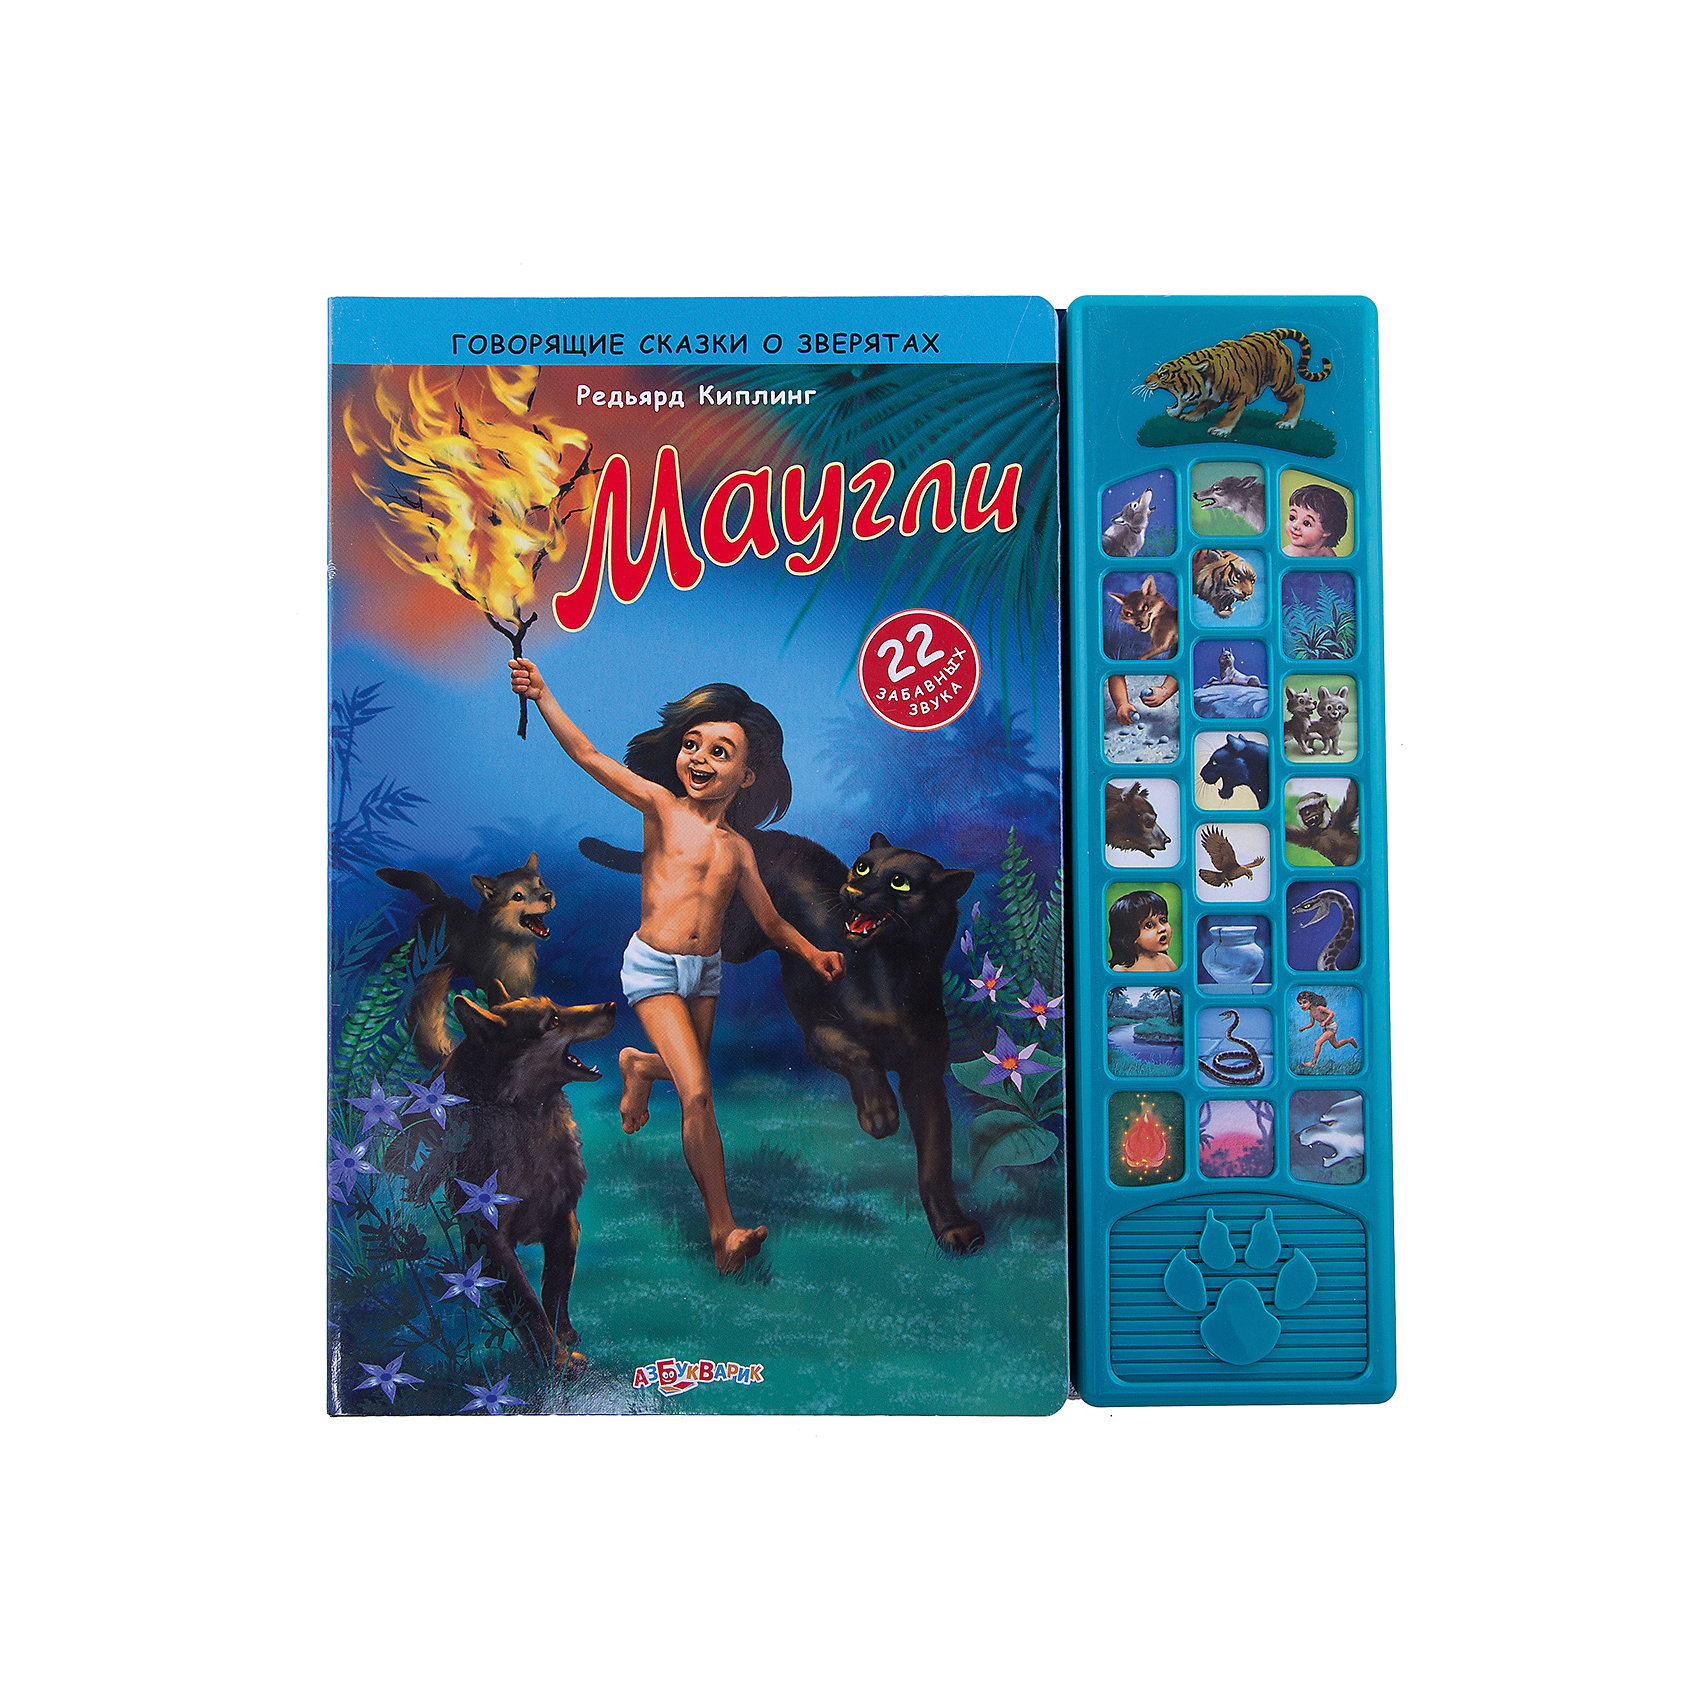 Маугли, АзбукварикМаугли, Азбукварик – это великолепная ярко иллюстрированная книжка со звуковым модулем.<br>Сказку о смышлёном мальчике, который был воспитан волчьей стаей в джунглях, теперь можно читать в замечательном звуковом сопровождении! Нажимая на 22 кнопочки звукового модуля, ребёнок услышит голоса любимых героев, а также много других интересных звуков живой природы. А на какую необходимо кнопочку нажать подскажут значки в тексте.<br><br>Дополнительная информация:<br><br>- Автор: Редьярд Киплинг<br>- Составитель: Зыль Ольга<br>- Художник: И. Зенюк<br>- Издательство: Азбукварик<br>- Серия: Говорящие сказки о зверятах<br>- Тип обложки: твердый переплет<br>- Оформление: частичная лакировка, со звуковым модулем<br>- Количество страниц: 18<br>- Иллюстрации: цветные<br>- Батарейки: 3 батарейки AG13/LR44 (в комплект входят демонстрационные)<br>- Размер: 266х280 мм.<br>- Вес: 745 гр.<br><br>Книгу «Маугли», Азбукварик можно купить в нашем интернет-магазине.<br><br>Ширина мм: 265<br>Глубина мм: 10<br>Высота мм: 280<br>Вес г: 807<br>Возраст от месяцев: 36<br>Возраст до месяцев: 72<br>Пол: Унисекс<br>Возраст: Детский<br>SKU: 3734175